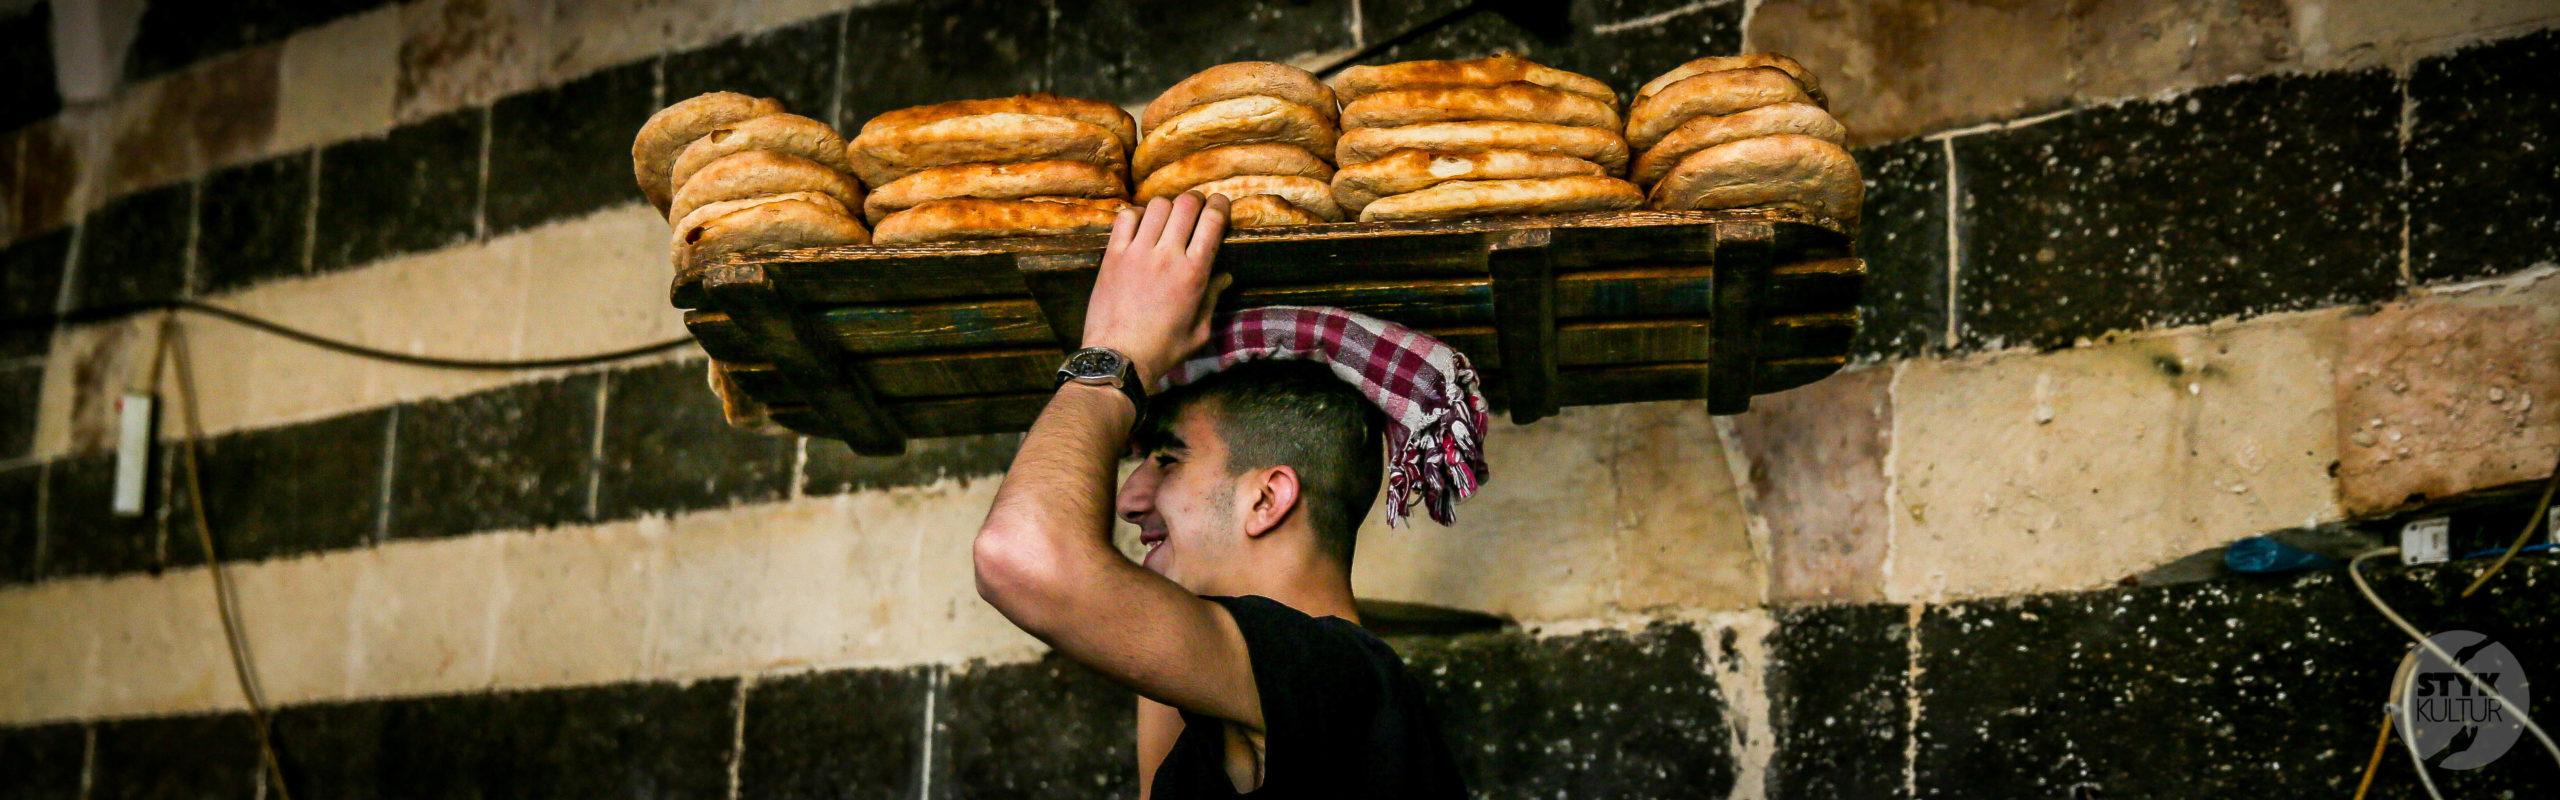 simitci scaled Turecka kuchnia   street food, czyli uliczne przysmaki królujące nad Bosforem